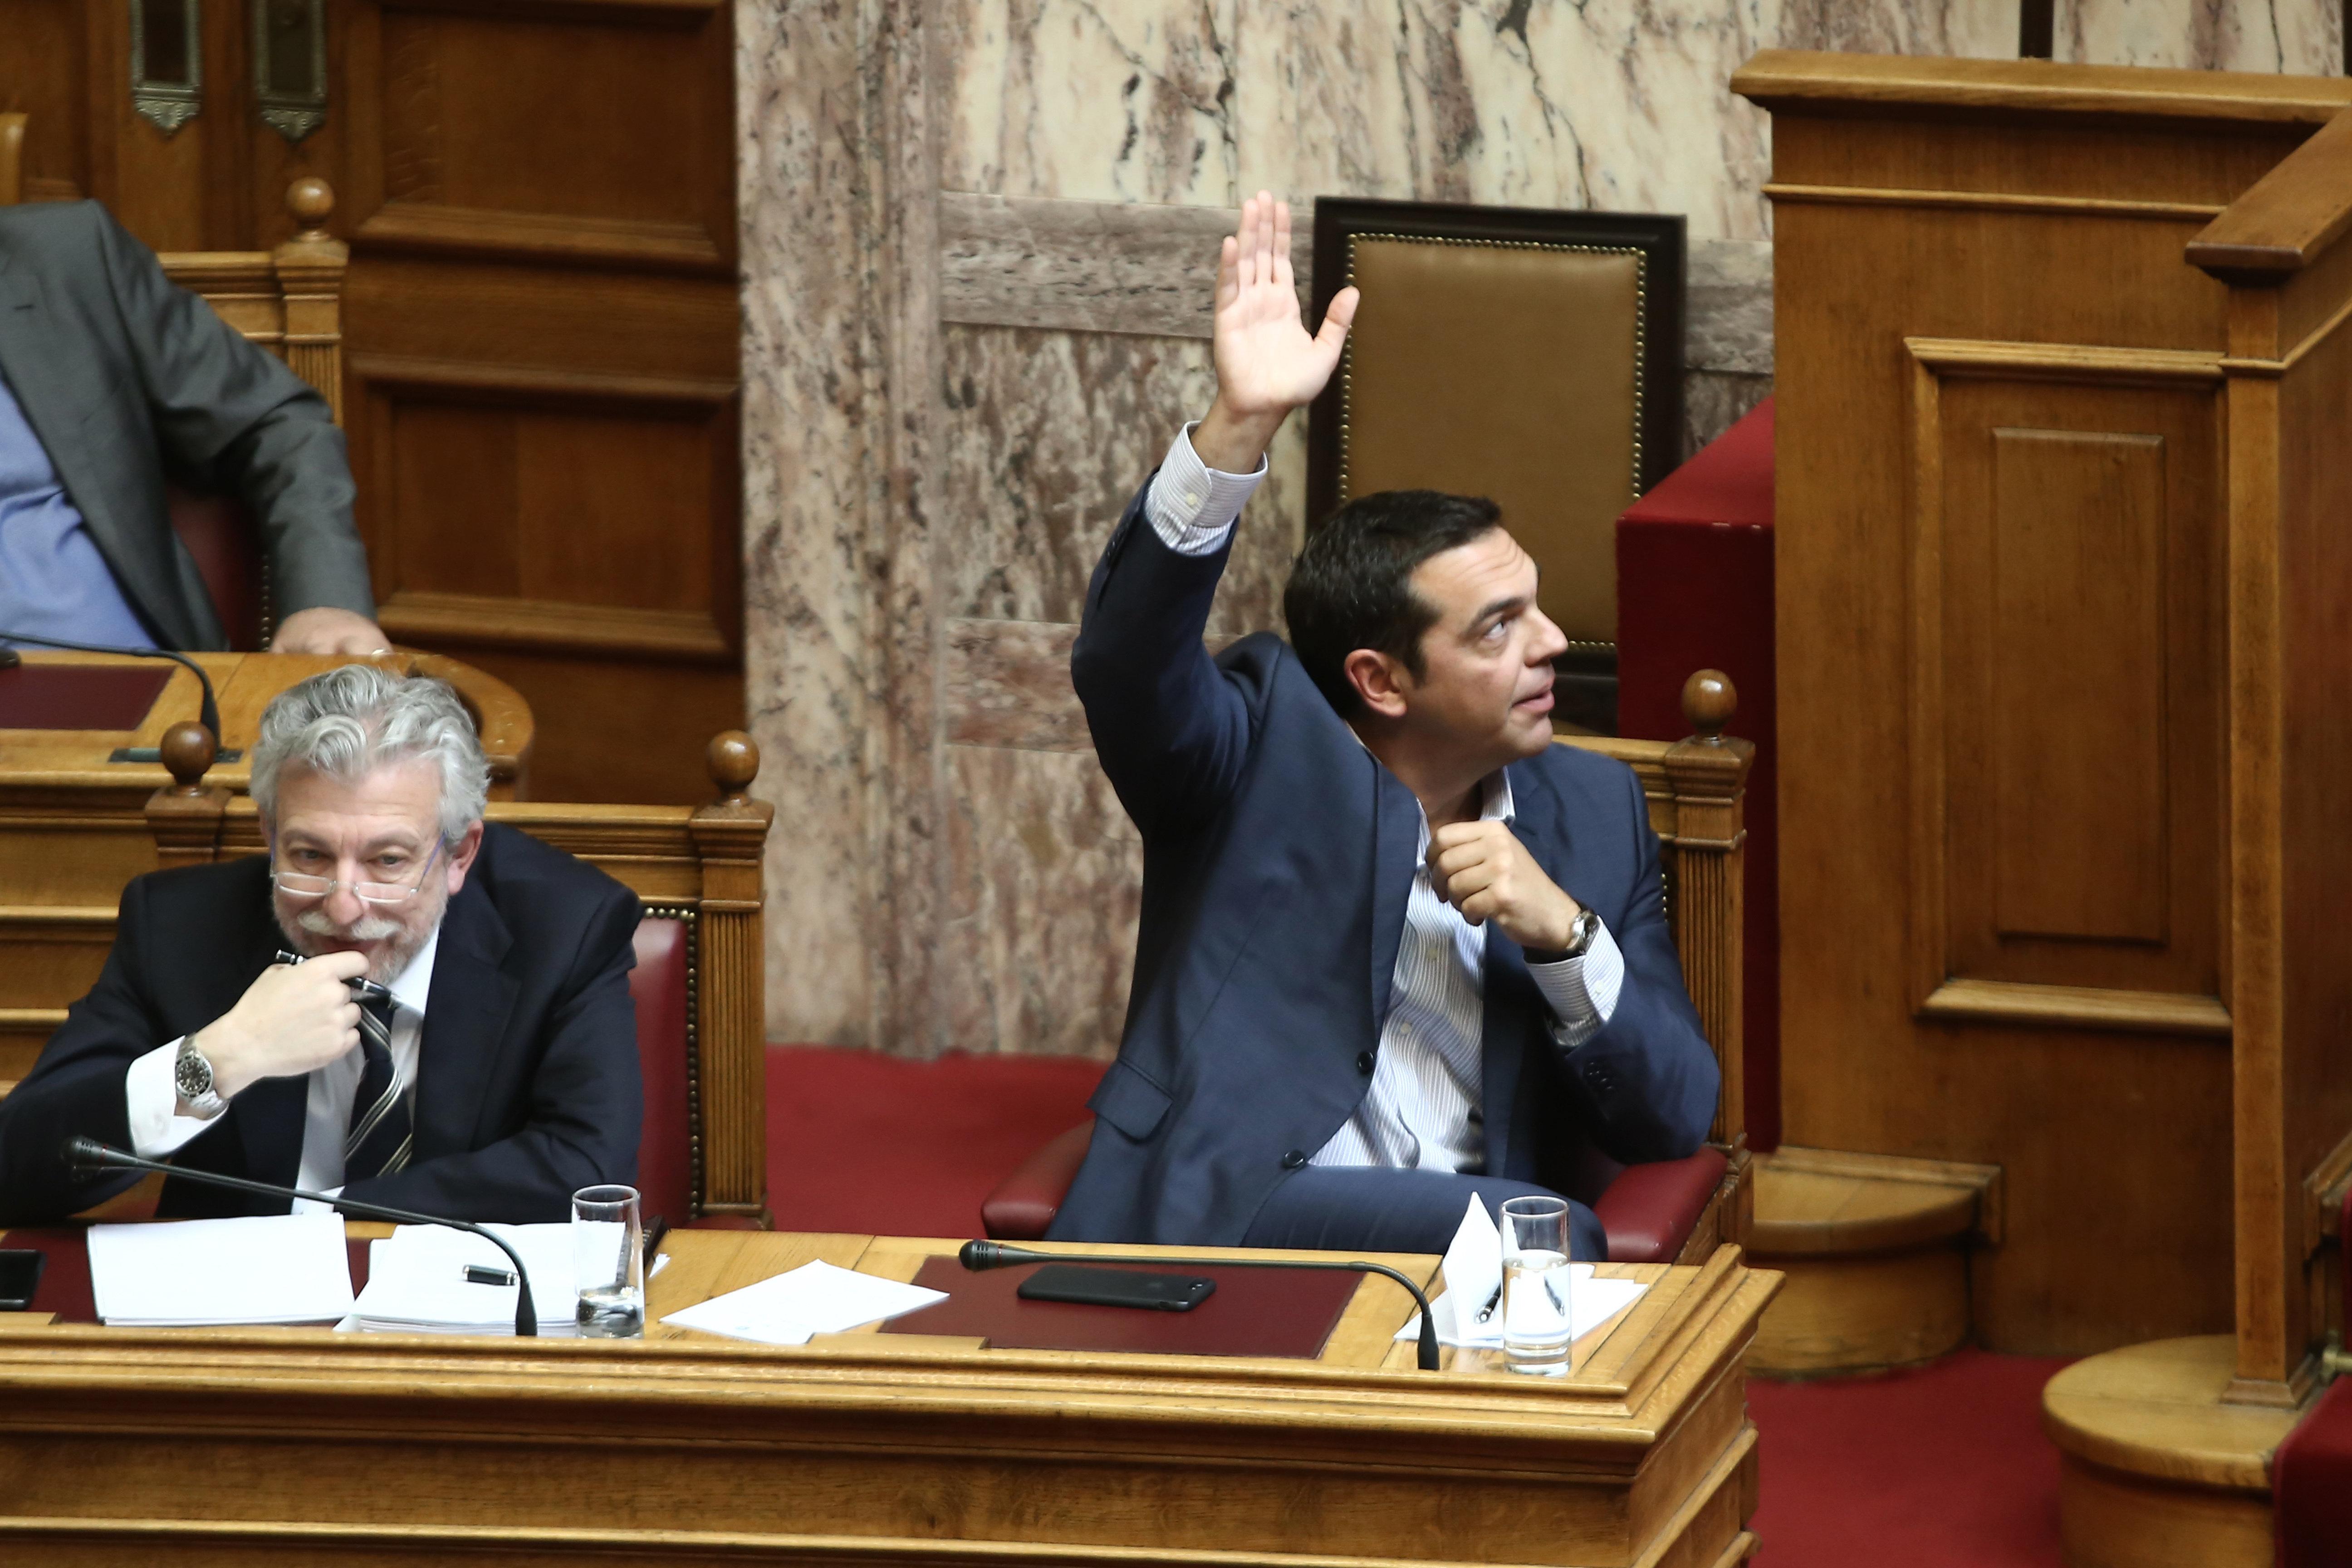 Γιατί θέλει ο Τσίπρας την ψήφο εμπιστοσύνης - Τι απαιτεί η κύρωση της Συμφωνίας των